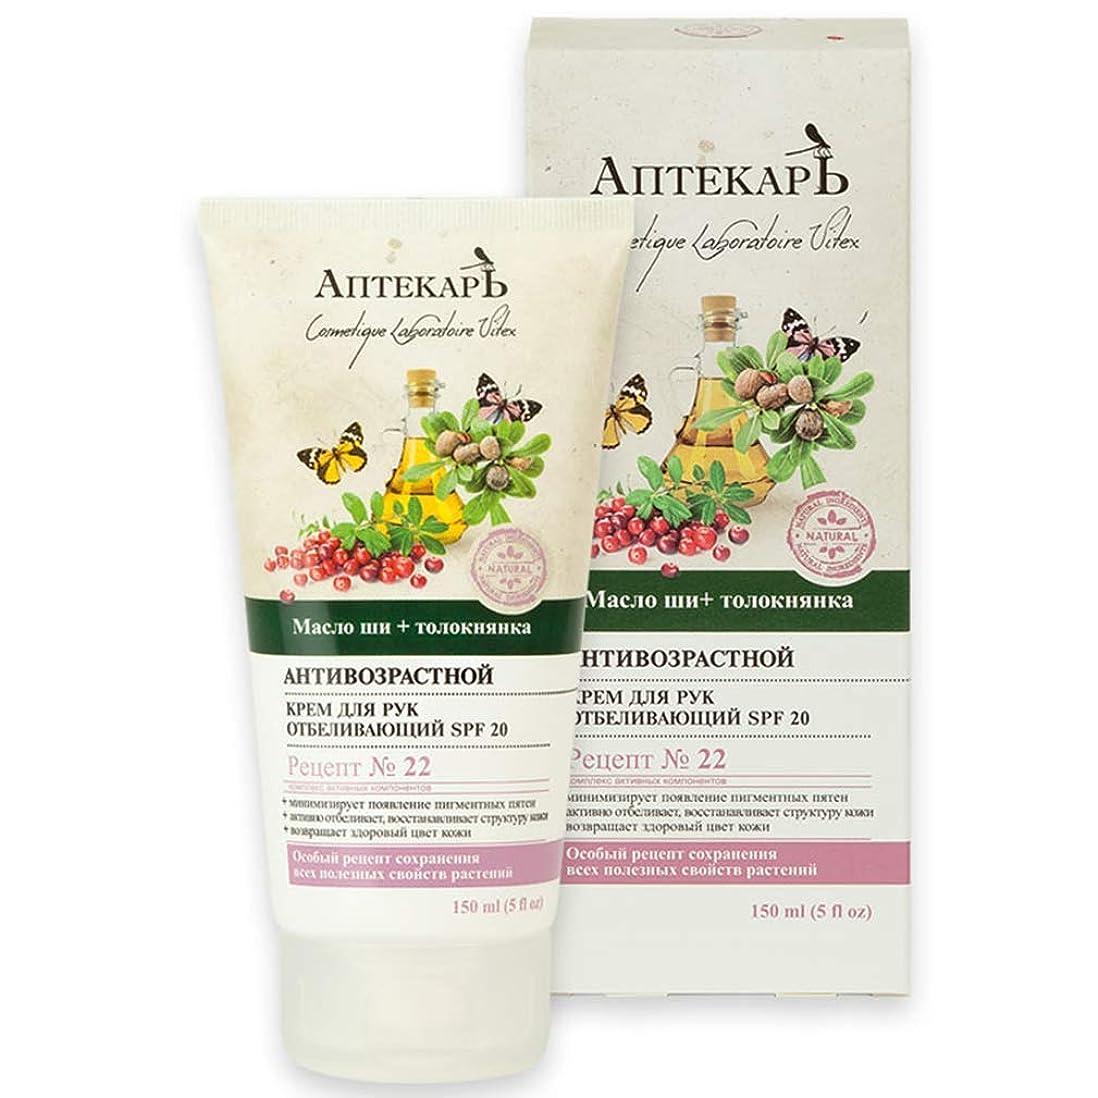 足硬いビットBielita & Vitex | Chemist Line | Whitening Hand Cream | SPF 20 | Arctostaphylos Uva-ursi | Butyrospermum Parkii | Recipe number 22 | 150 ml